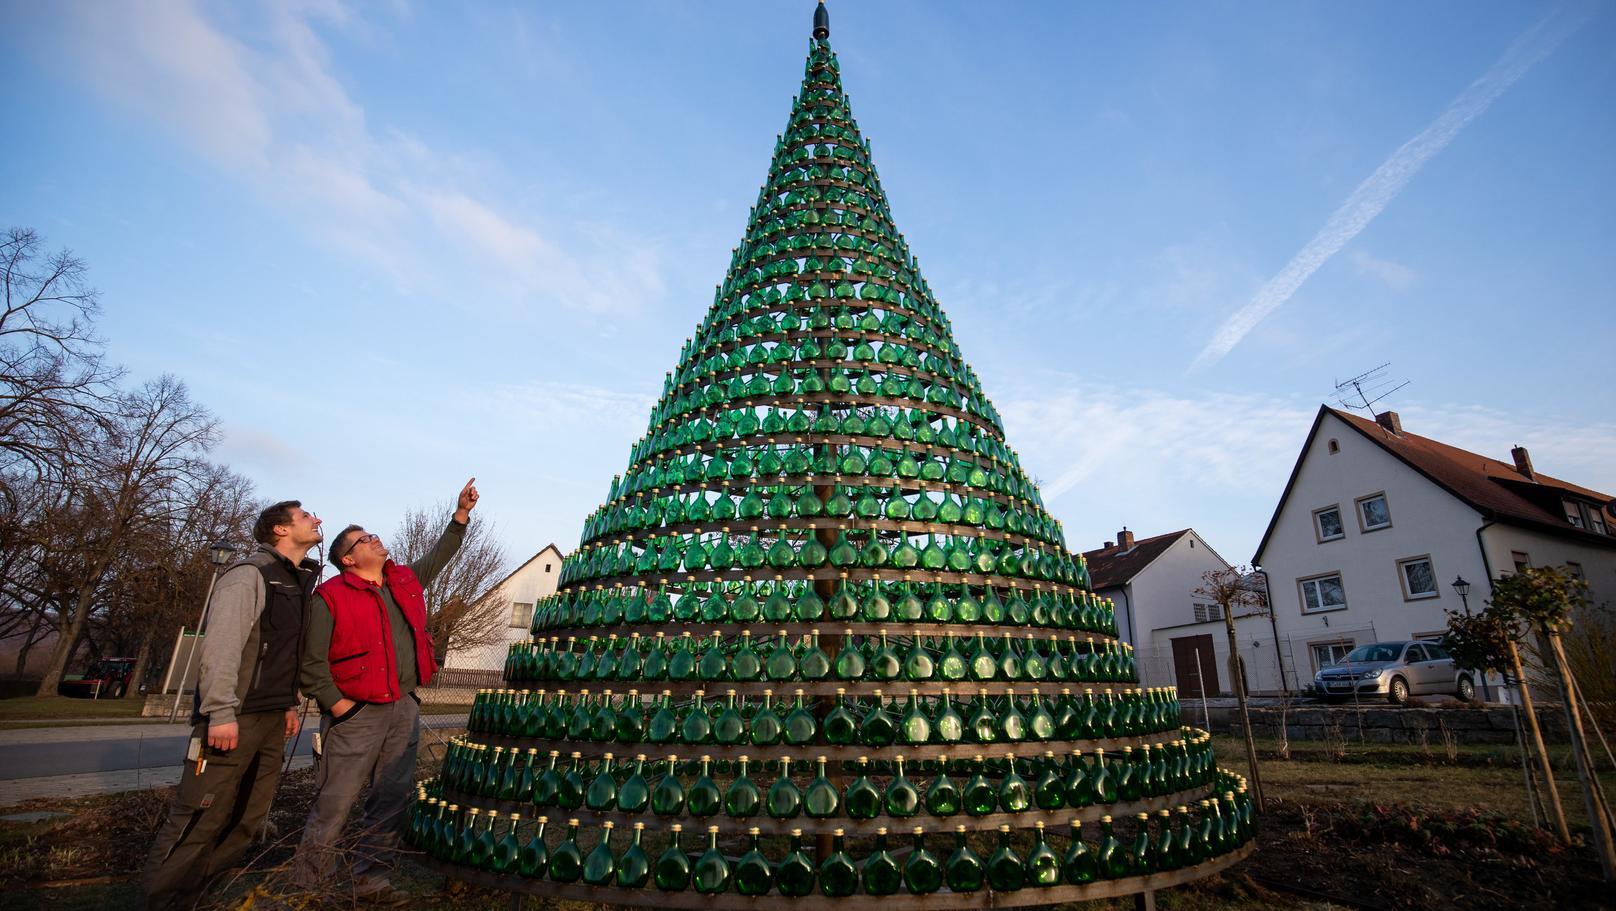 Nordheim Am Main: Guido Braun (r), Bürgermeister von Nordheim, und sein Sohn Nico stehen neben einem Weihnachtsbaum der aus 1099 Bocksbeutel-Flaschen besteht. Die Spitze des Baumes wird von einer grünen Jubiläumssektflasche geziert.